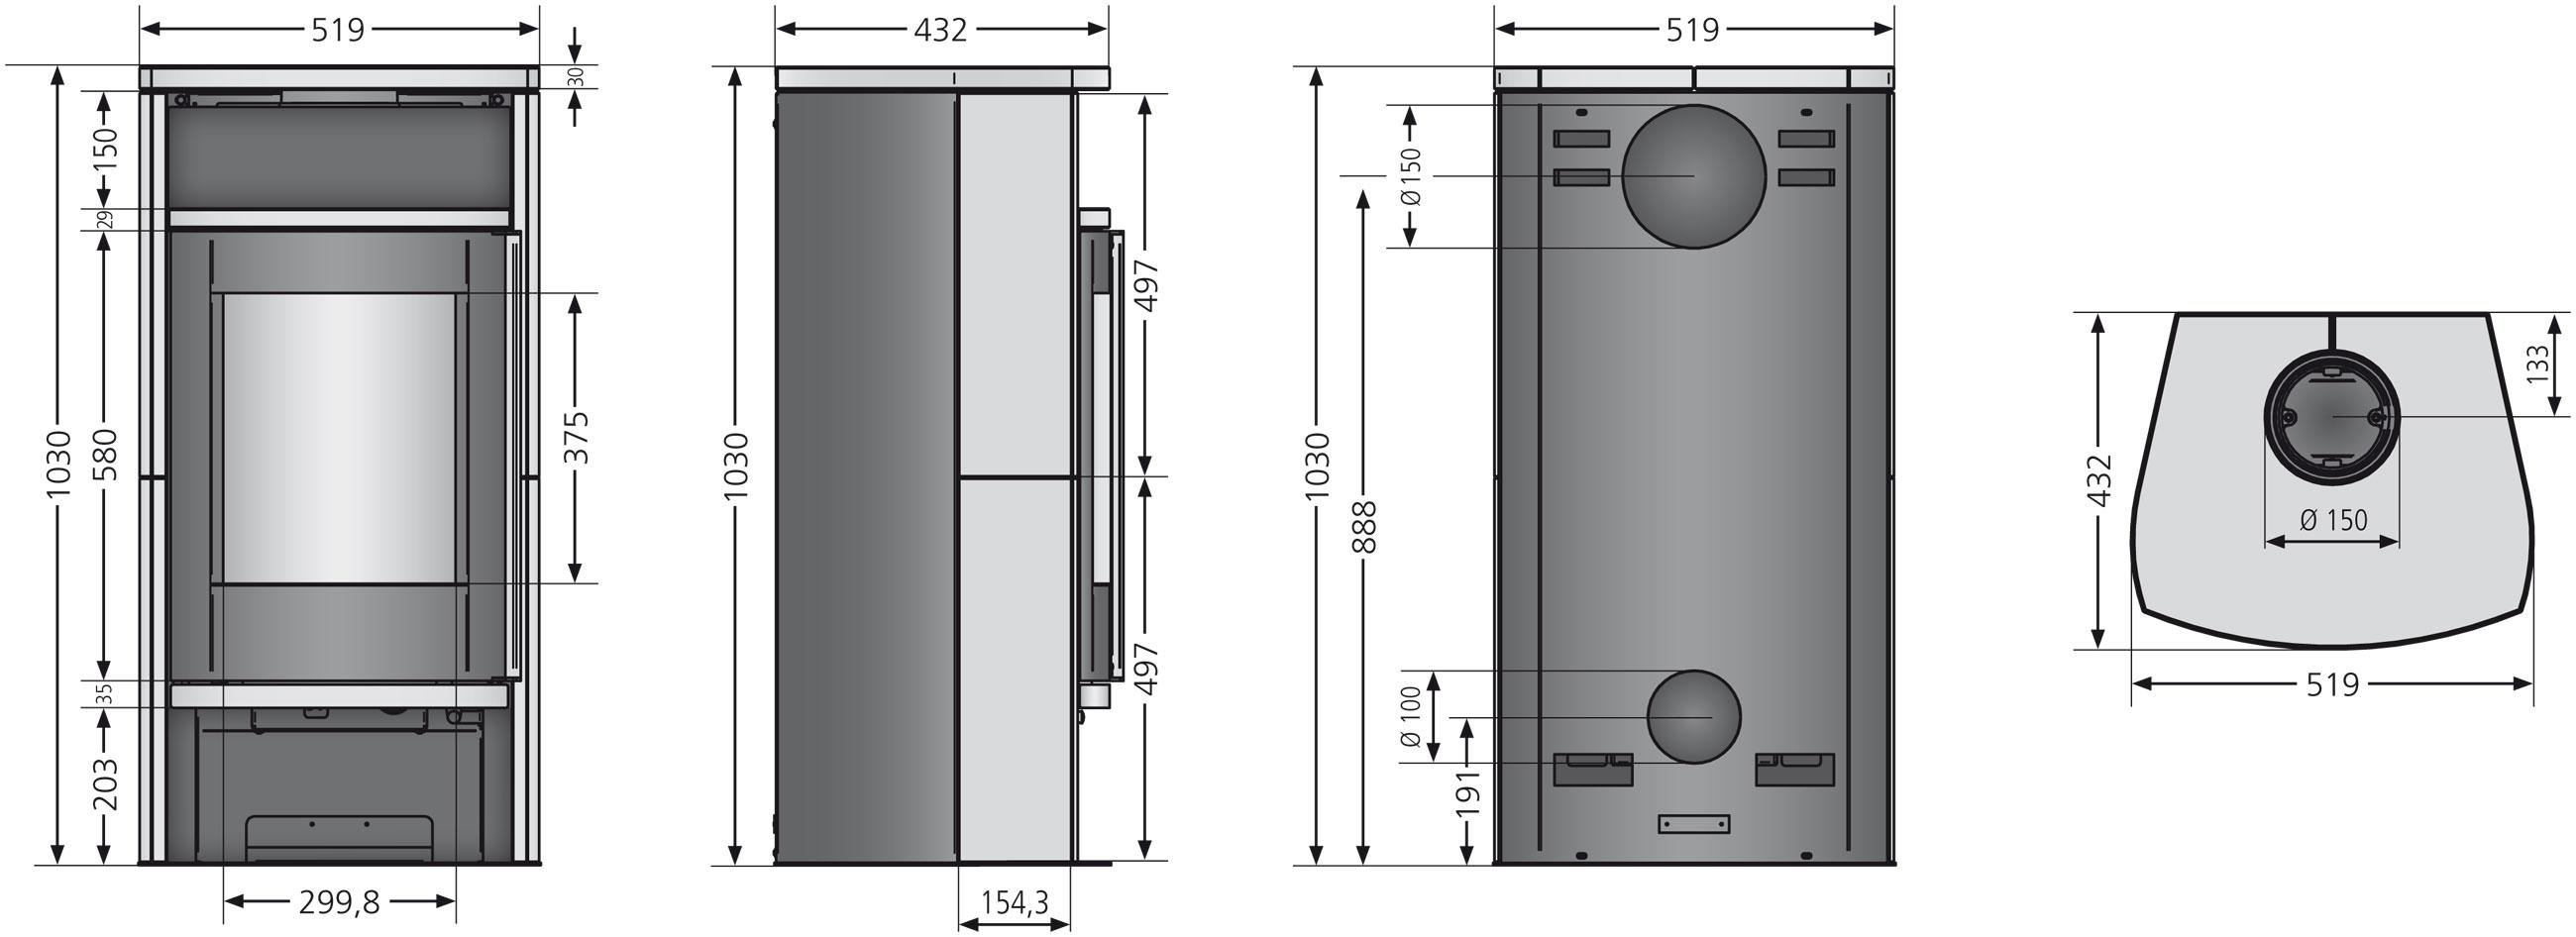 Kaminofen Justus Faro Aqua 2.0 wasserführend schwarz Speckstein 8,5kW Bild 2